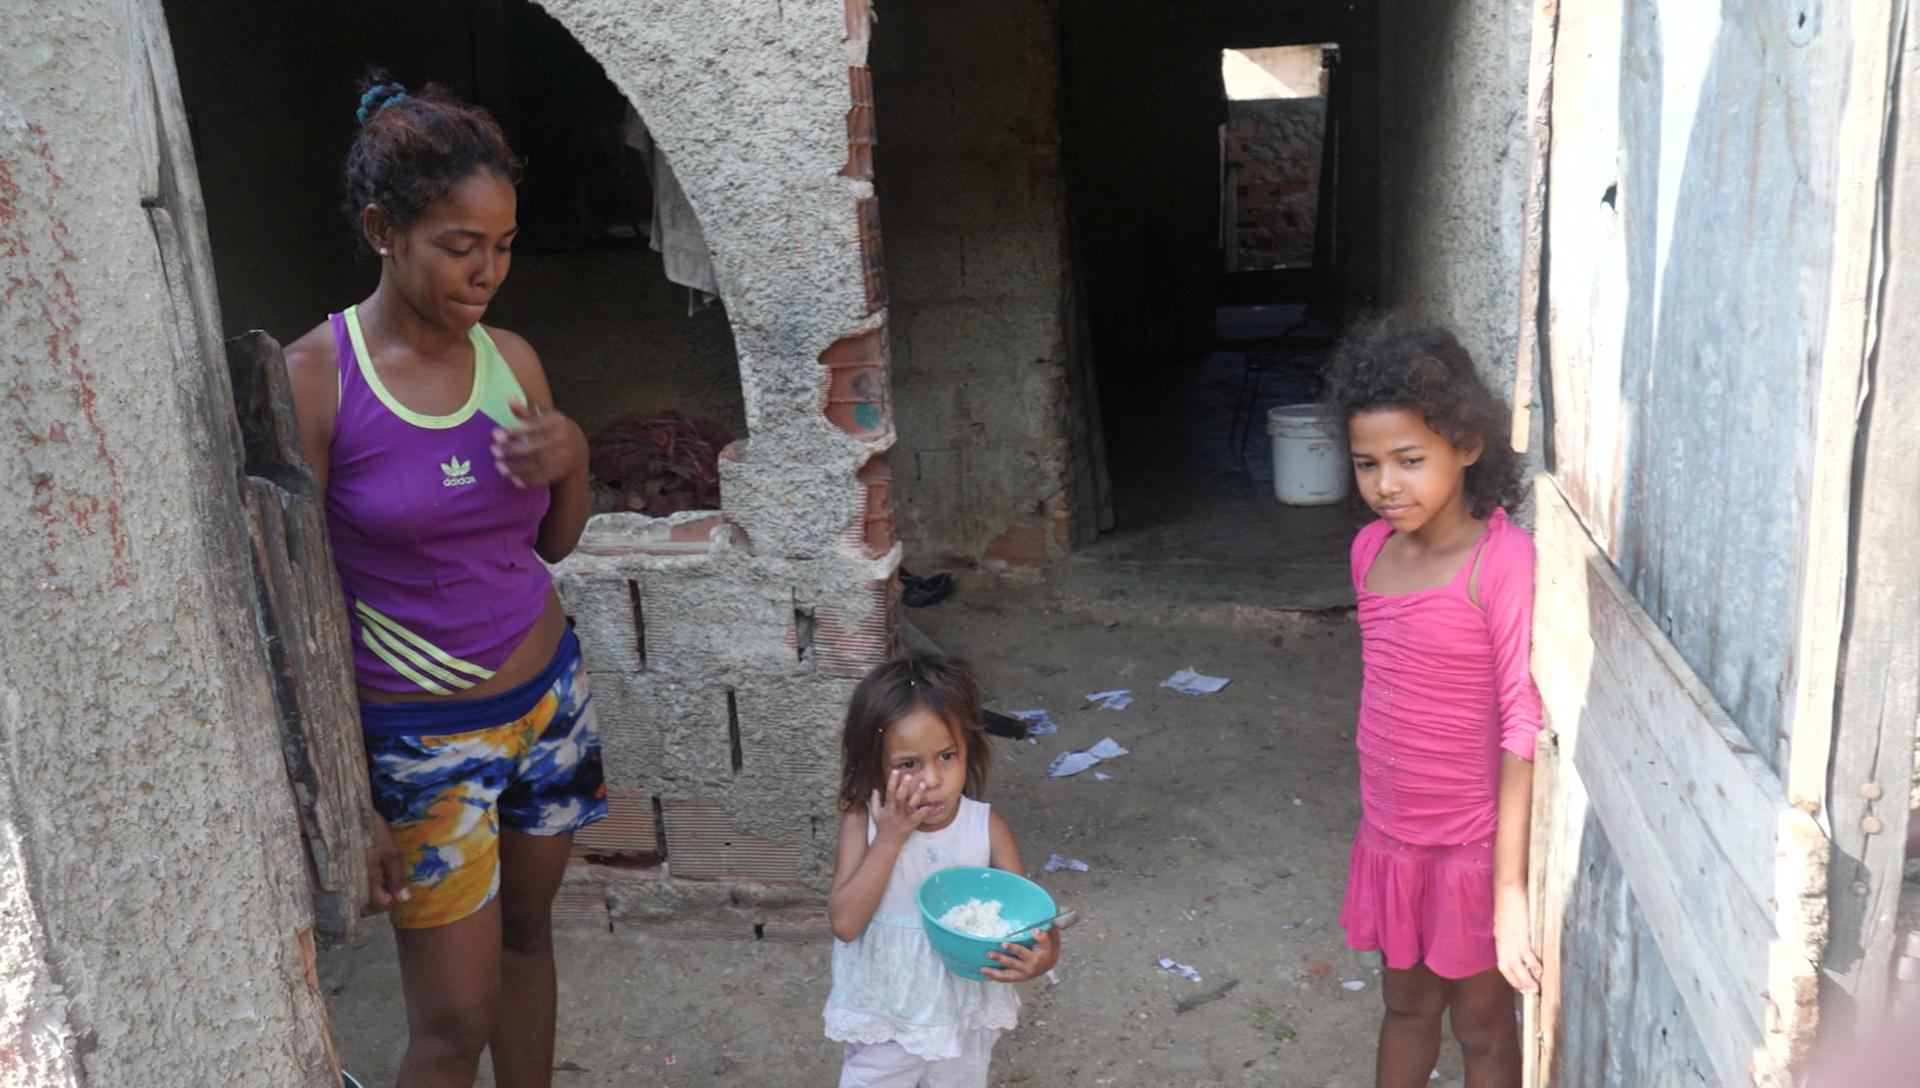 170515170542-02-venezuela-undercovermom-girls